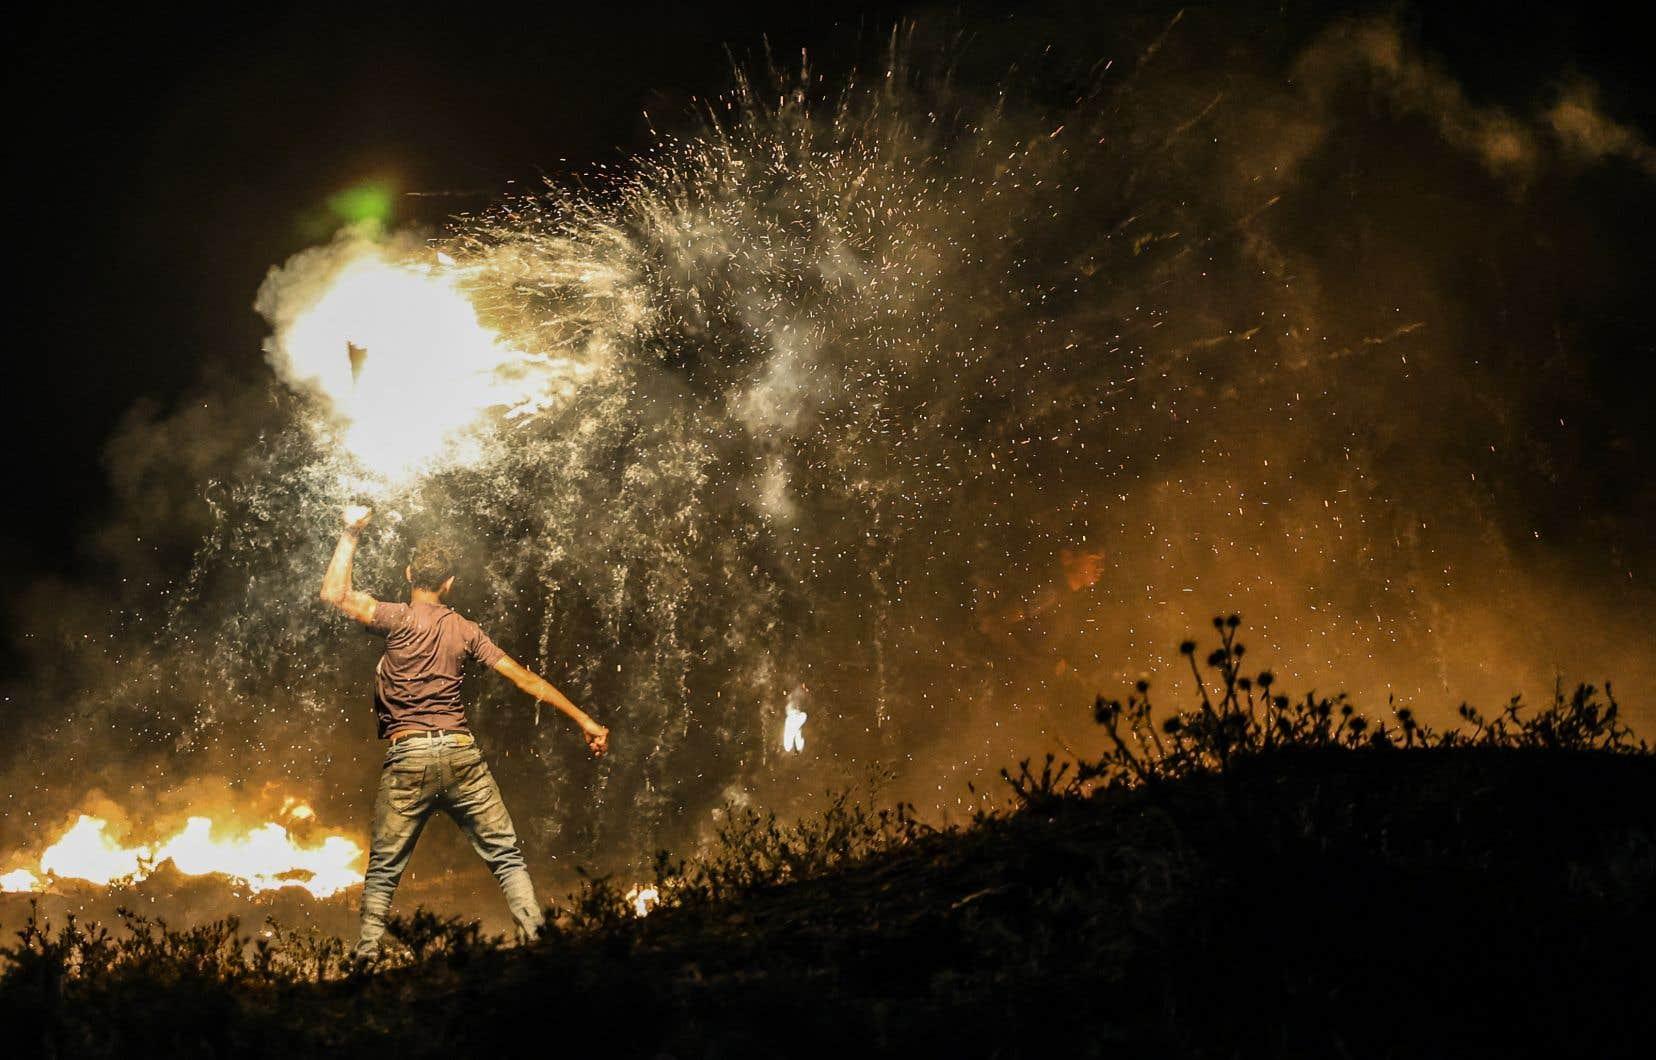 Un manifestant palestinien lance un projectile enflammé vers les forces israéliennes lors d'une manifestation à l'est de la ville de Gaza, près de la frontière avec Israël, le 15 juin 2021.